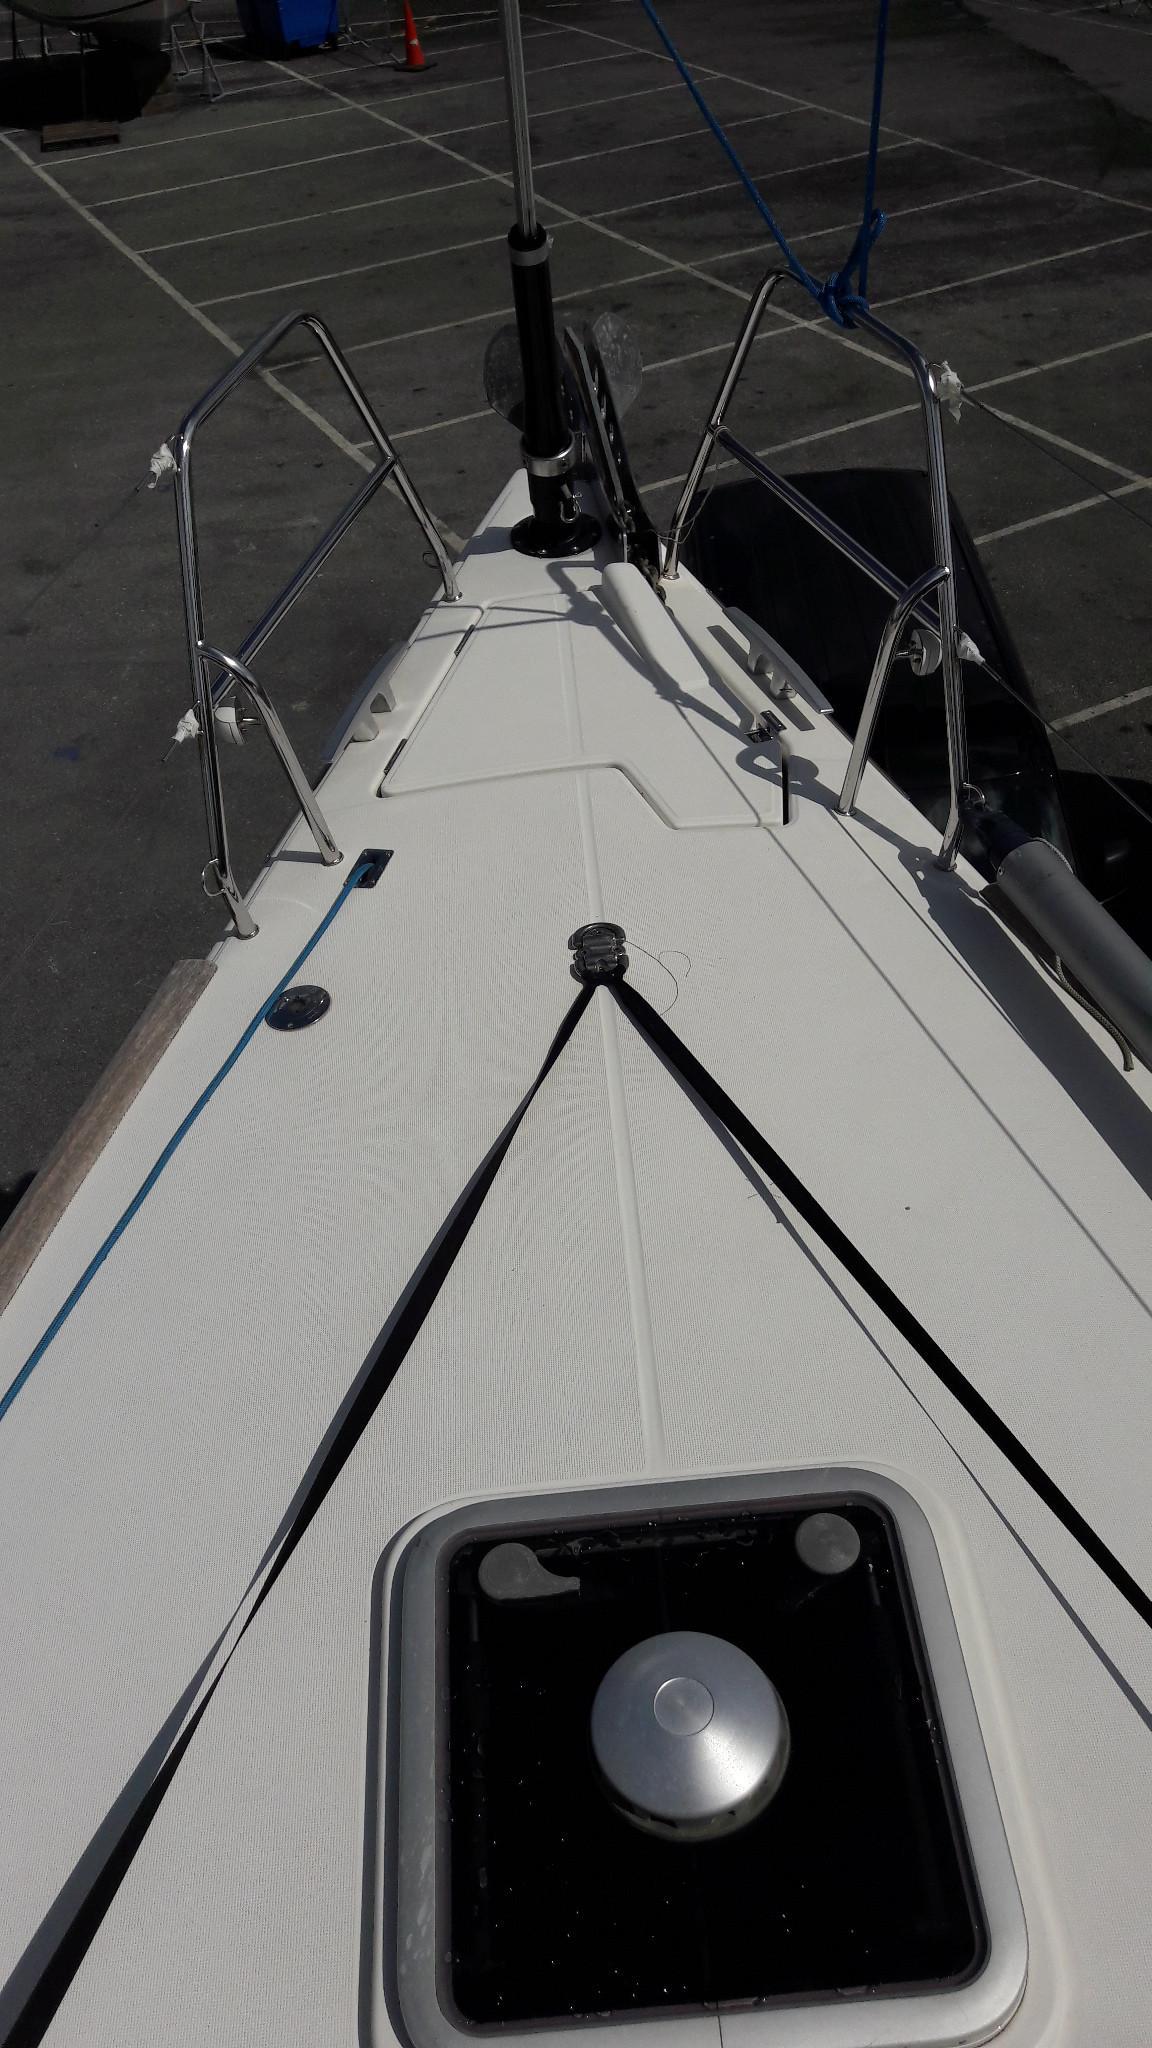 Dufour 40e bow